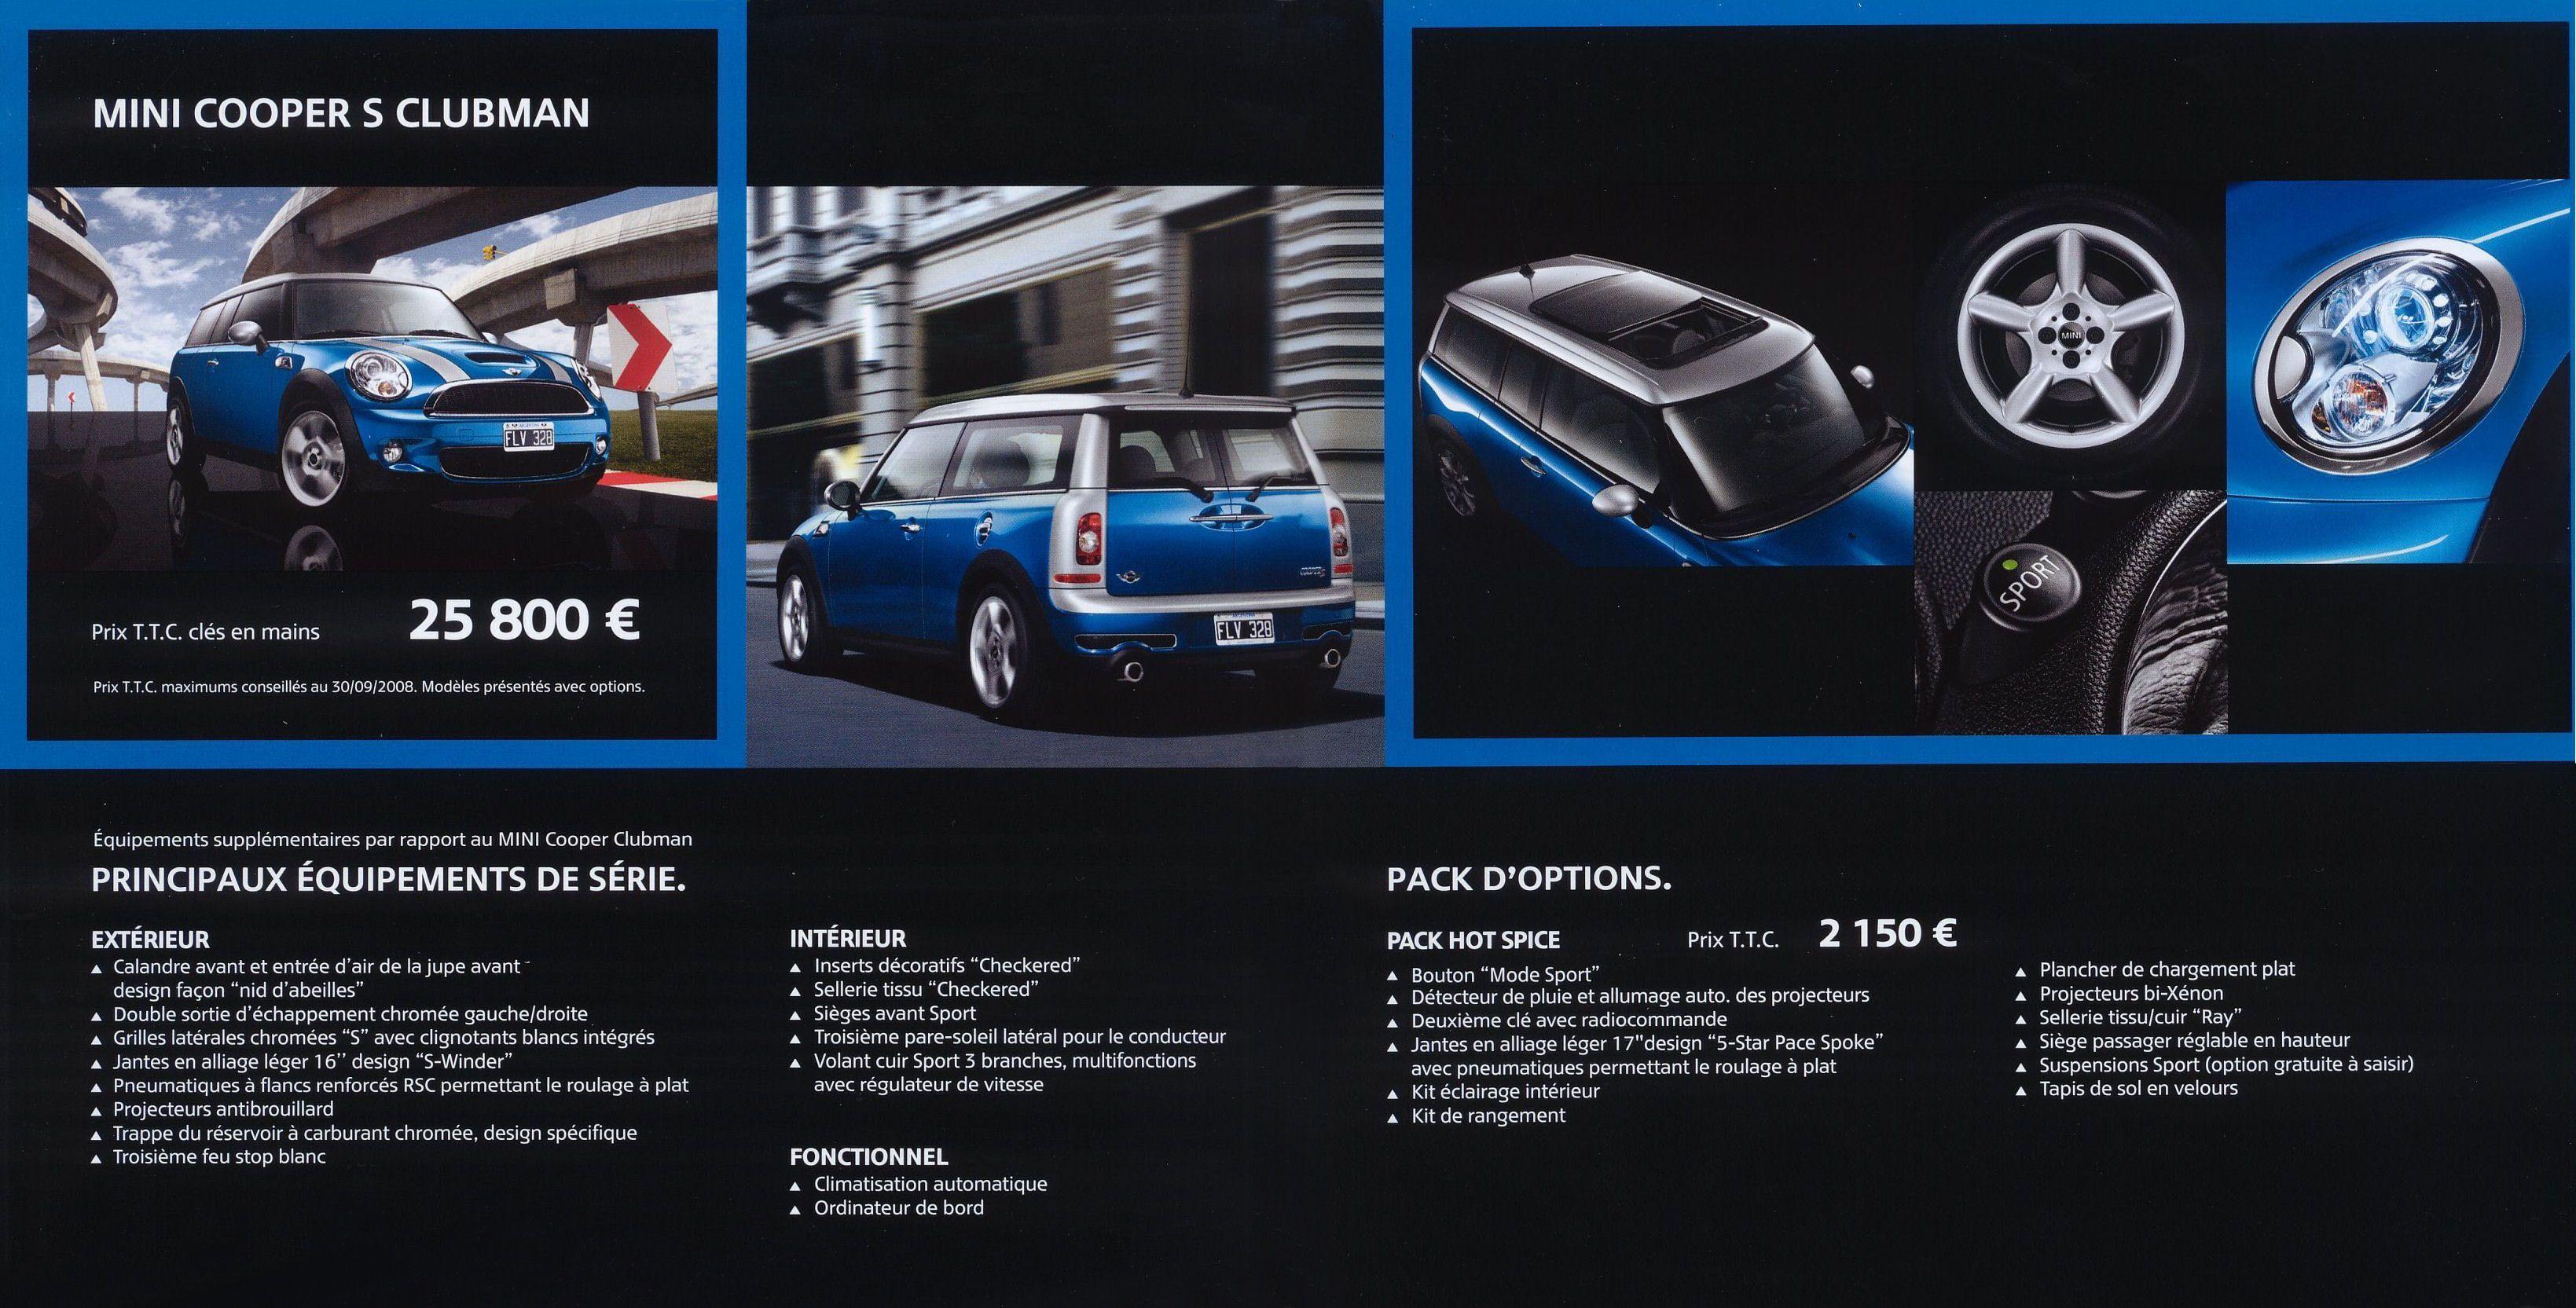 2008 Mini Clubman Brochure